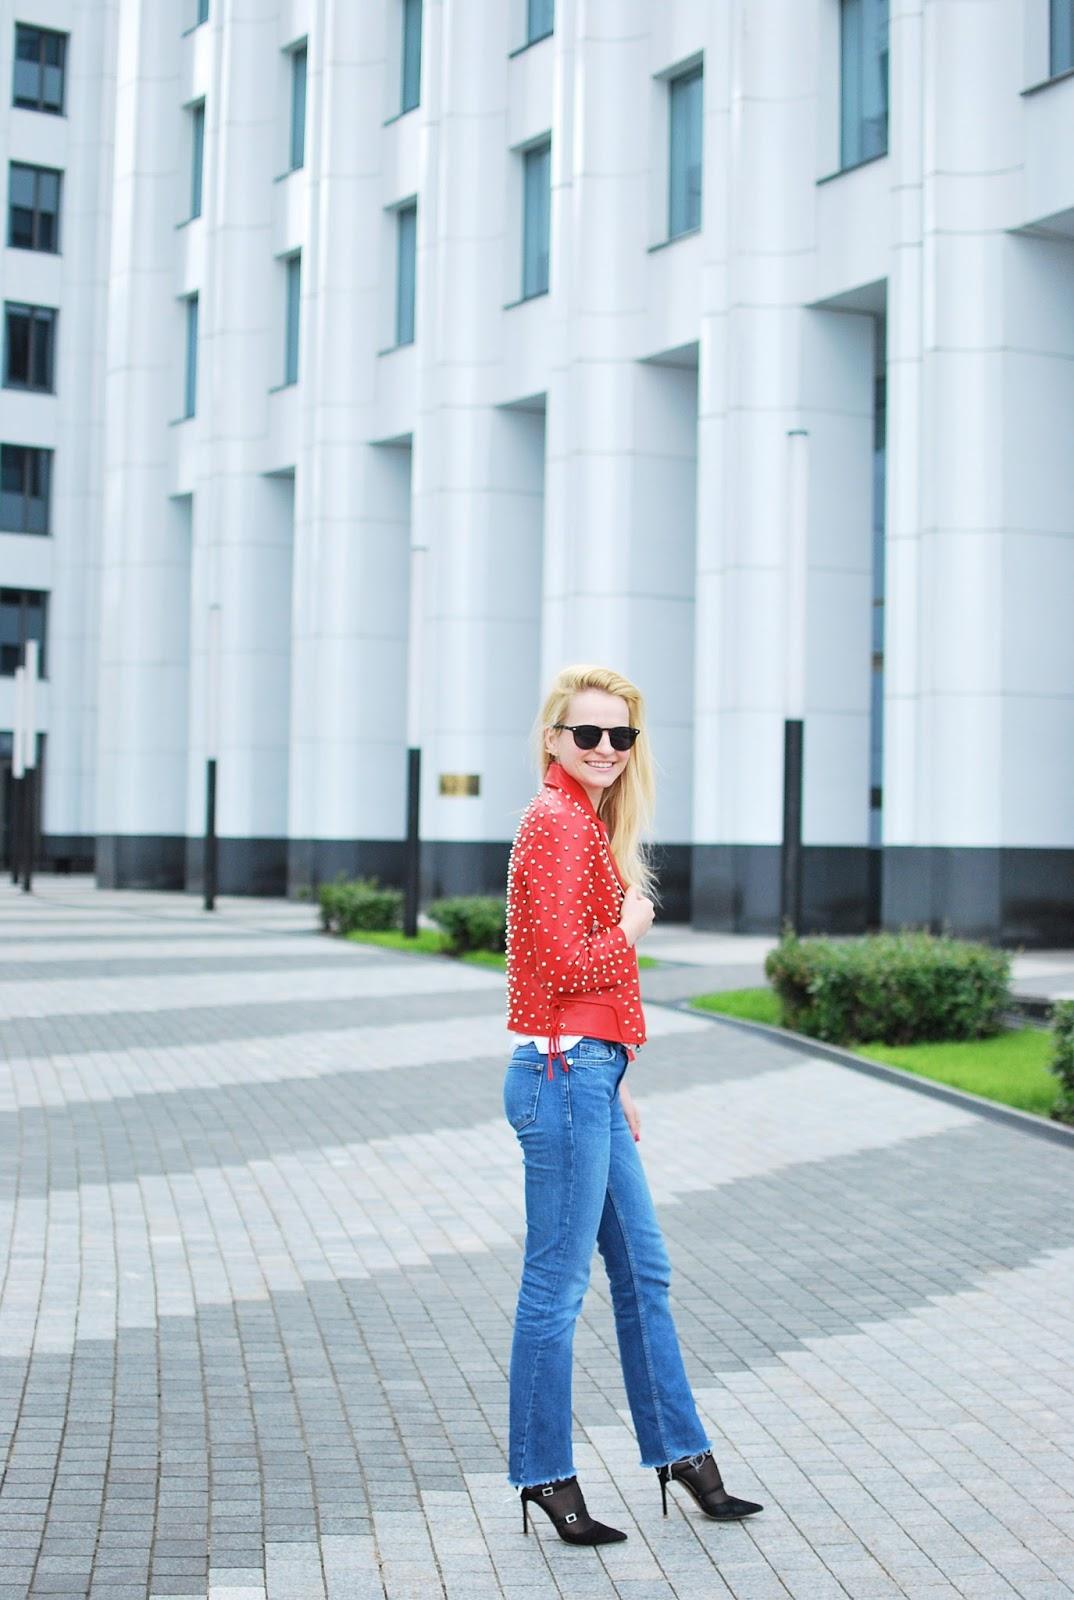 фото модный, модные джинсы лук, look de moda, popular bloguera, moda joven